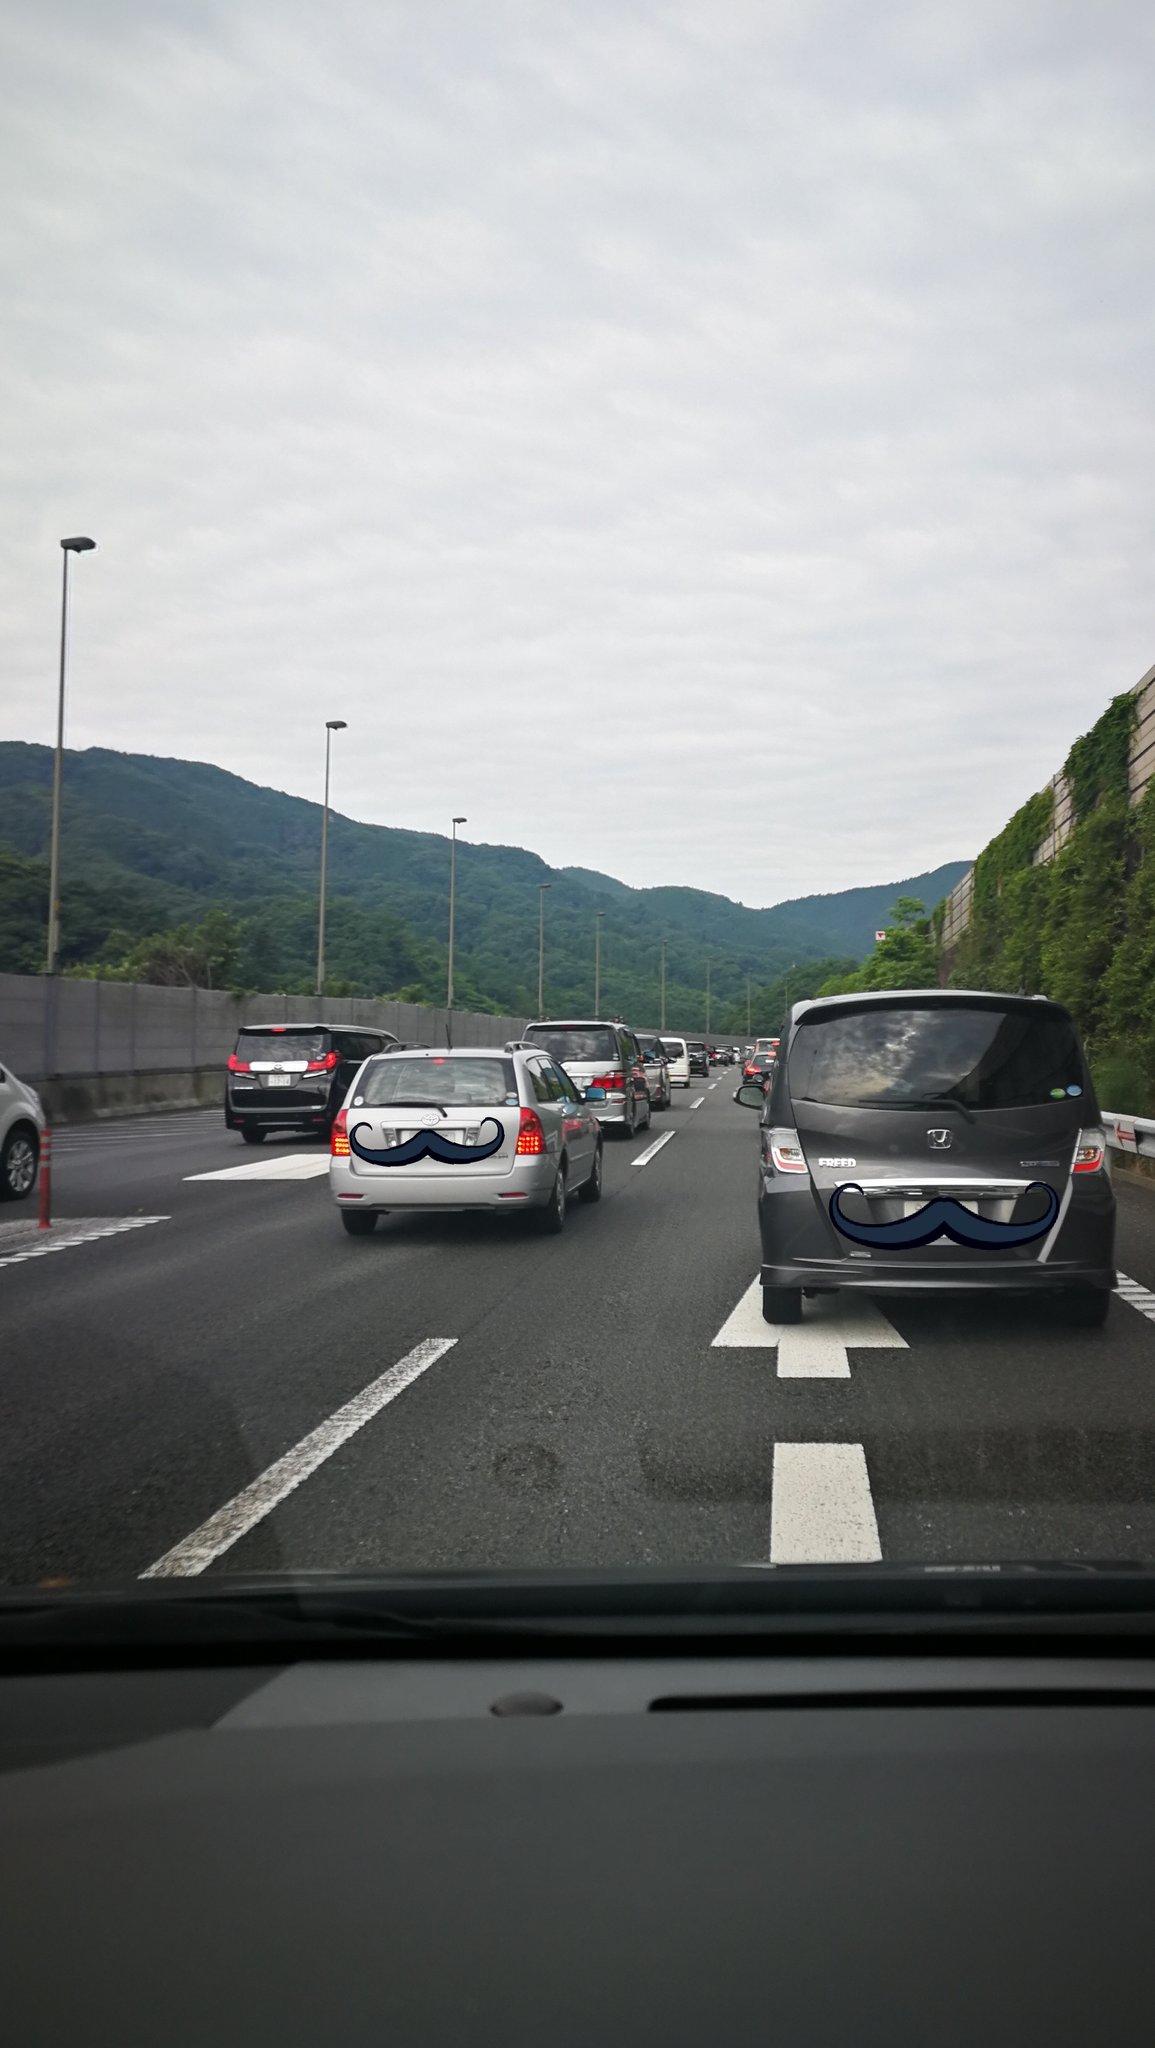 画像,おはようございます。朝から渋滞に巻き込まれております。渋滞で有名な某トンネルの出口で事故るっておい…!! https://t.co/Fxapz6aoem…